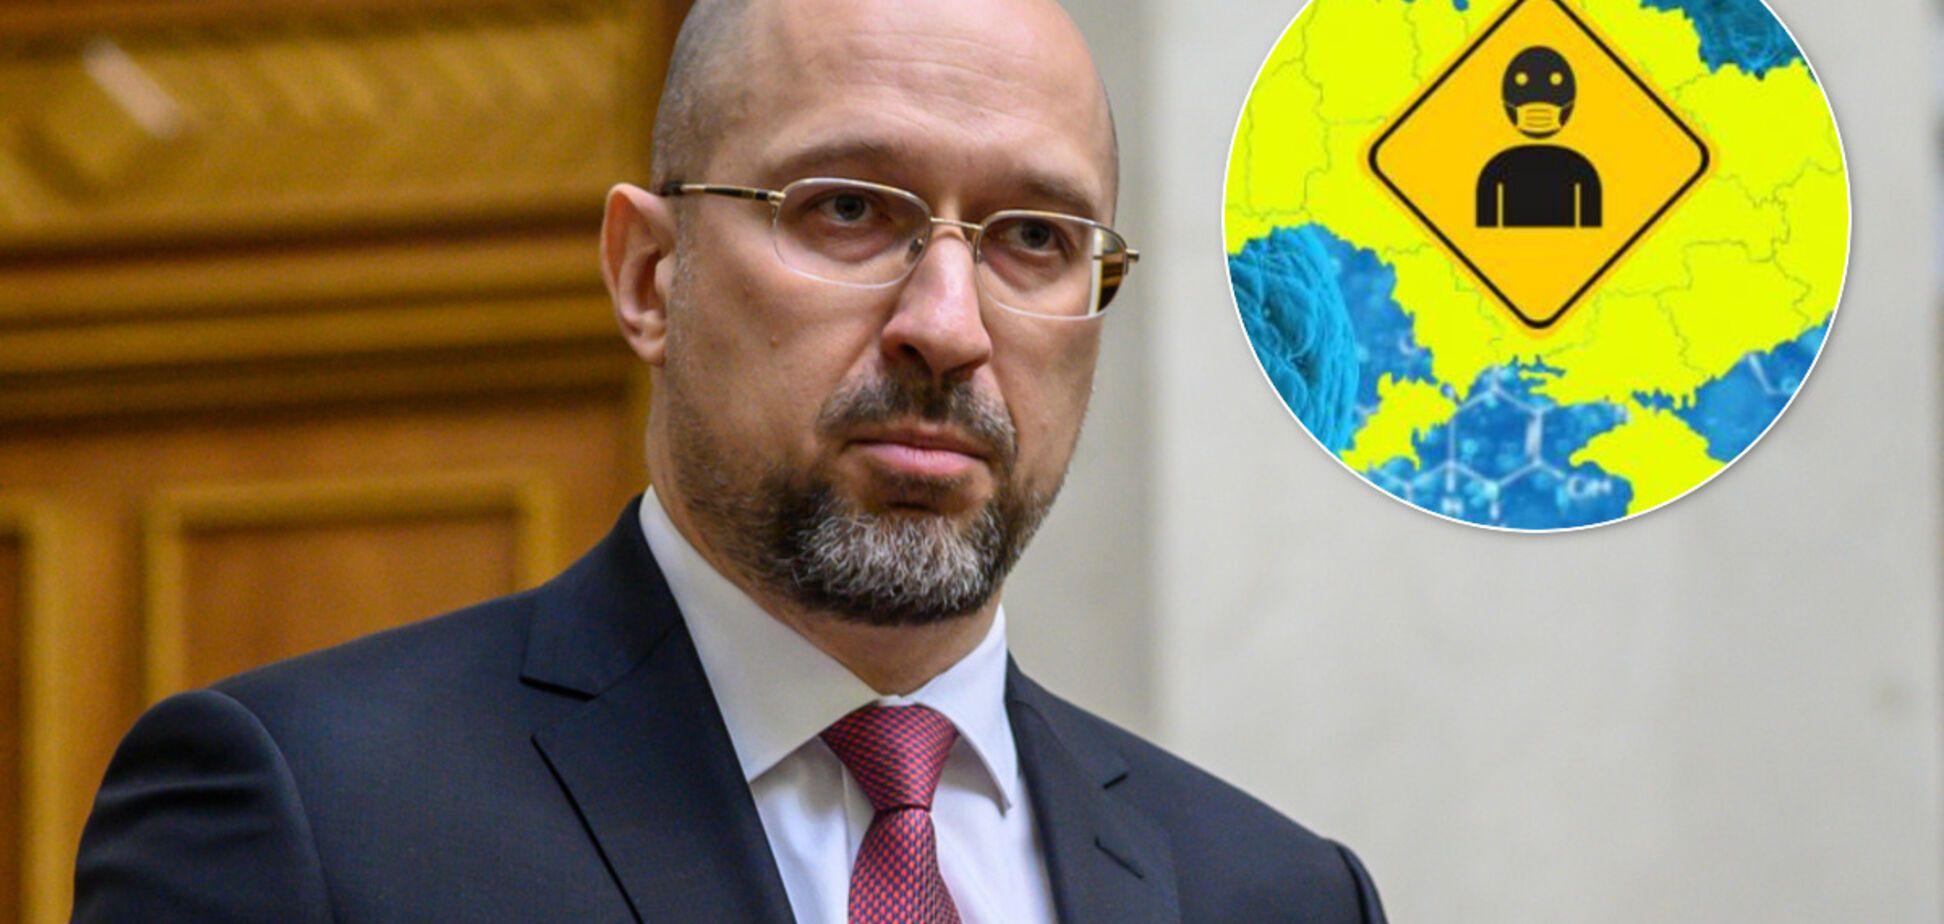 Карантин в Украине могут отменить досрочно! Шмыгаль озвучил главные условия